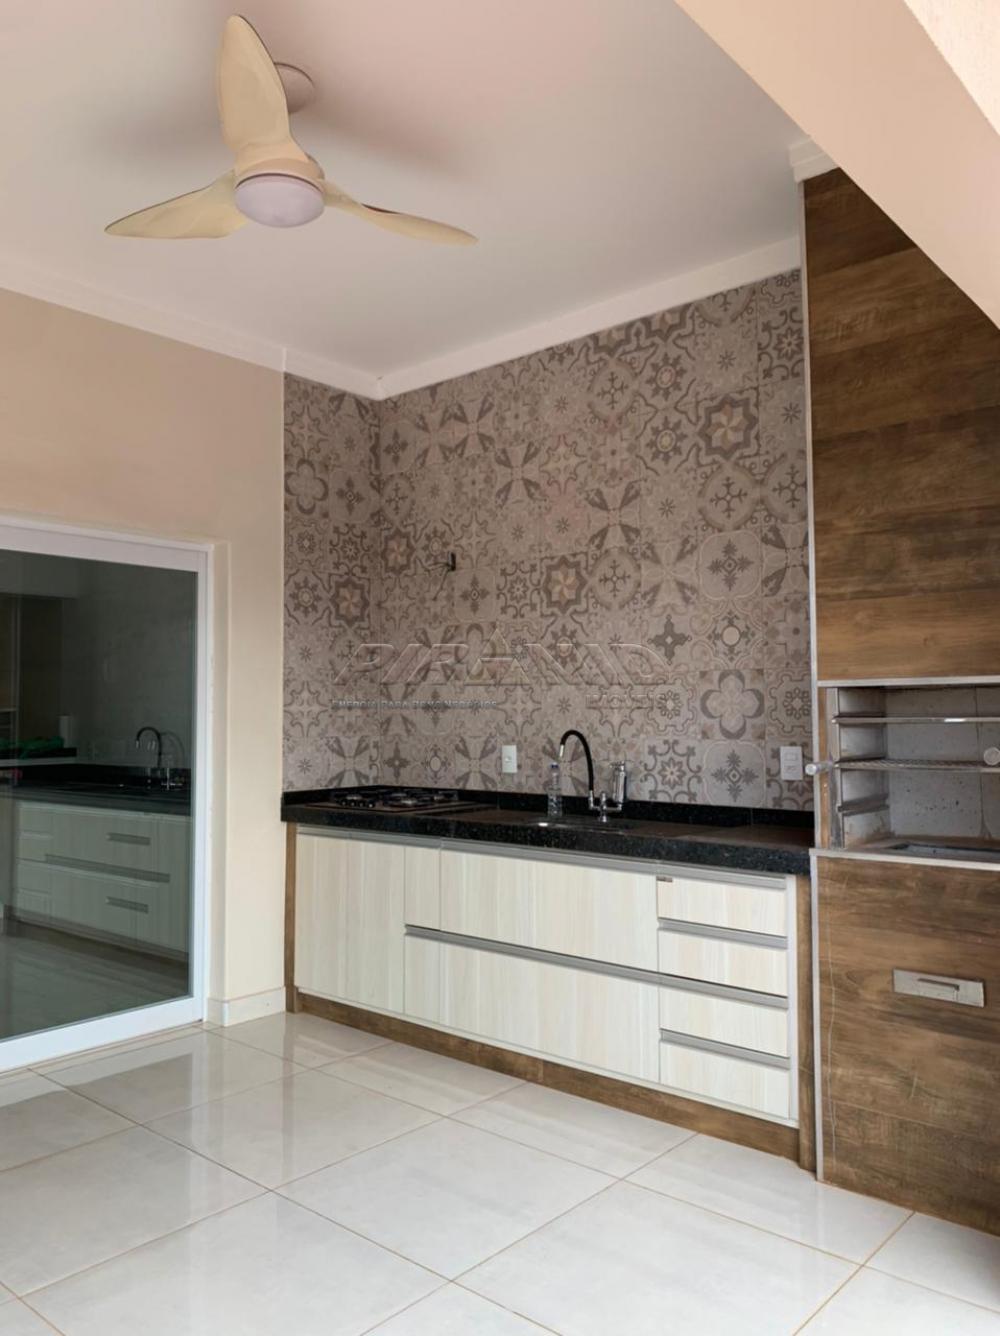 Comprar Casa / Condomínio em Bonfim Paulista R$ 780.000,00 - Foto 10